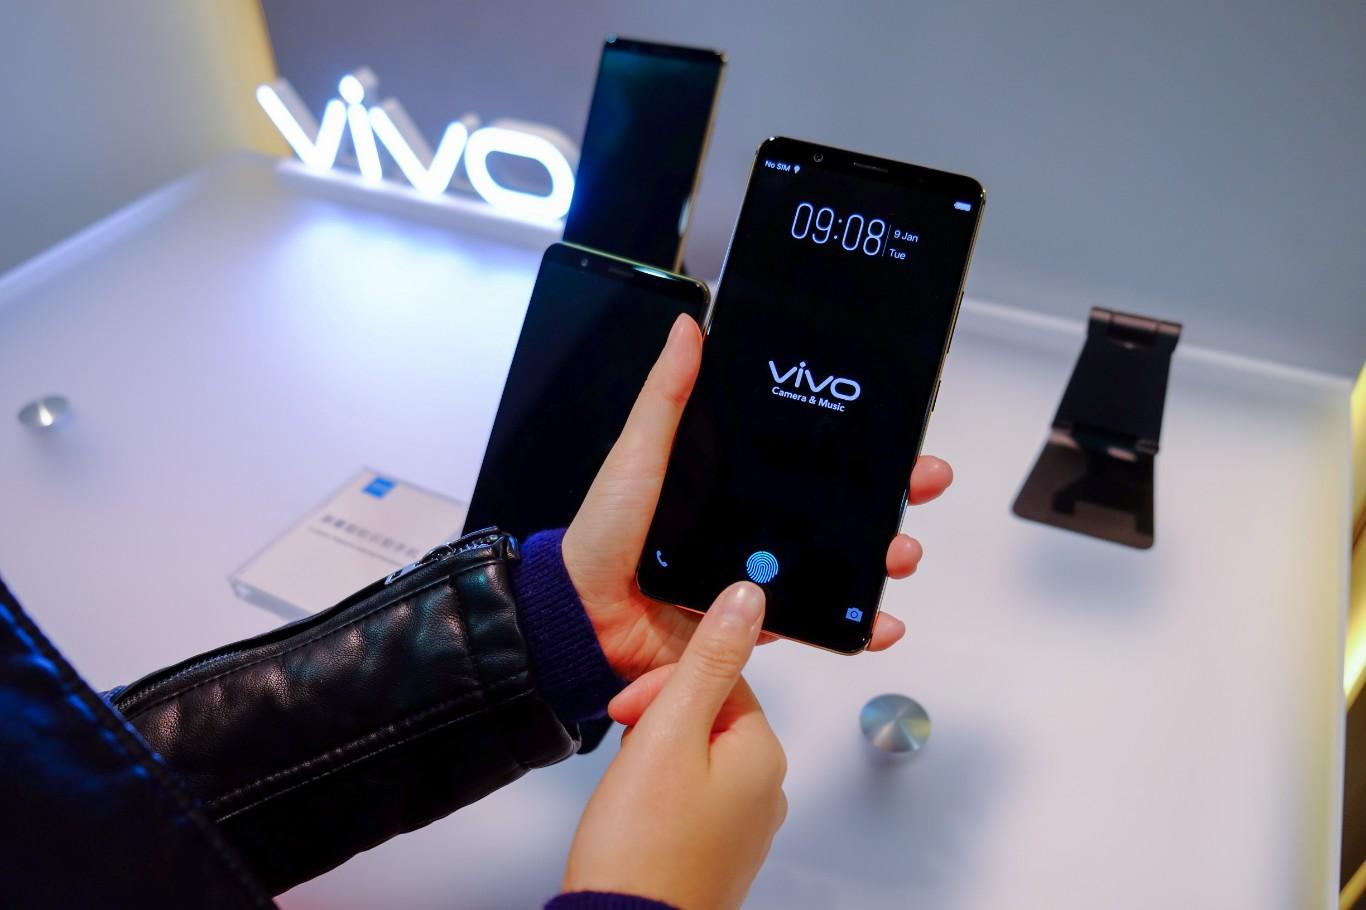 معرفی اولین گوشی هوشمند با حسگر اثر انگشت زیر صفحه نمایش +فیلم